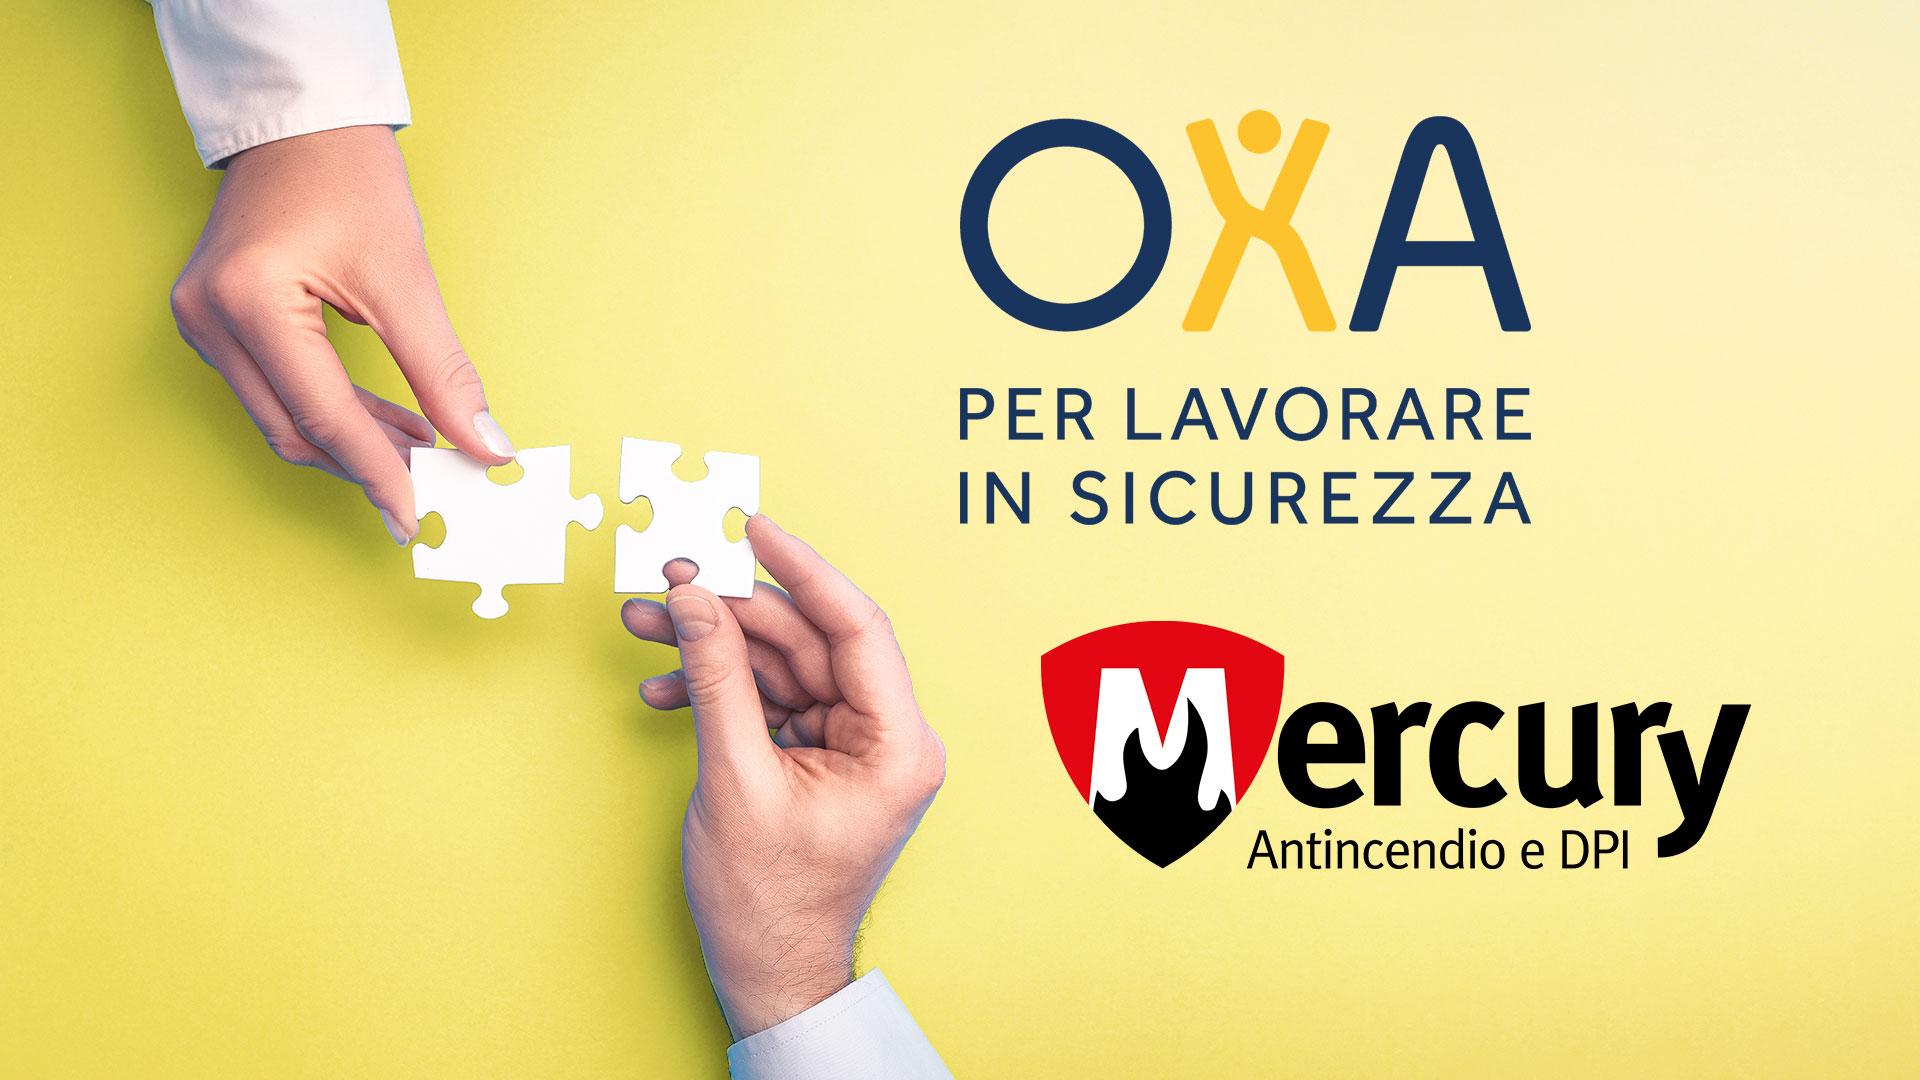 OXA e MERCURY, INSIEME PER LA SICUREZZA NEI LUOGHI DI LAVORO!